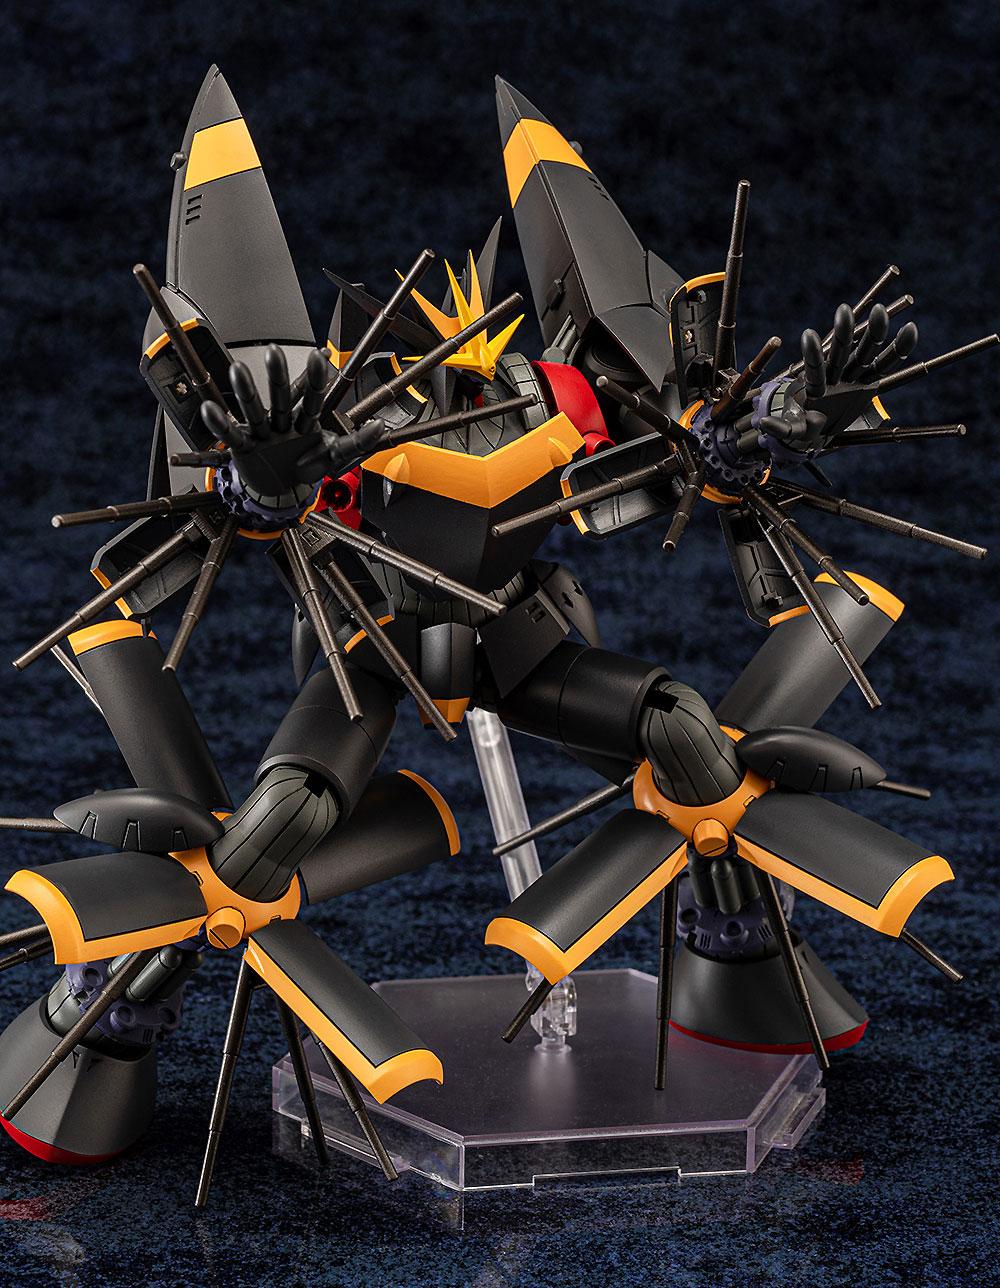 ガンバスター (トップをねらえ!)プラモデル(アオシマACKS (アオシマ キャラクターキット セレクション)No.TN-001)商品画像_1